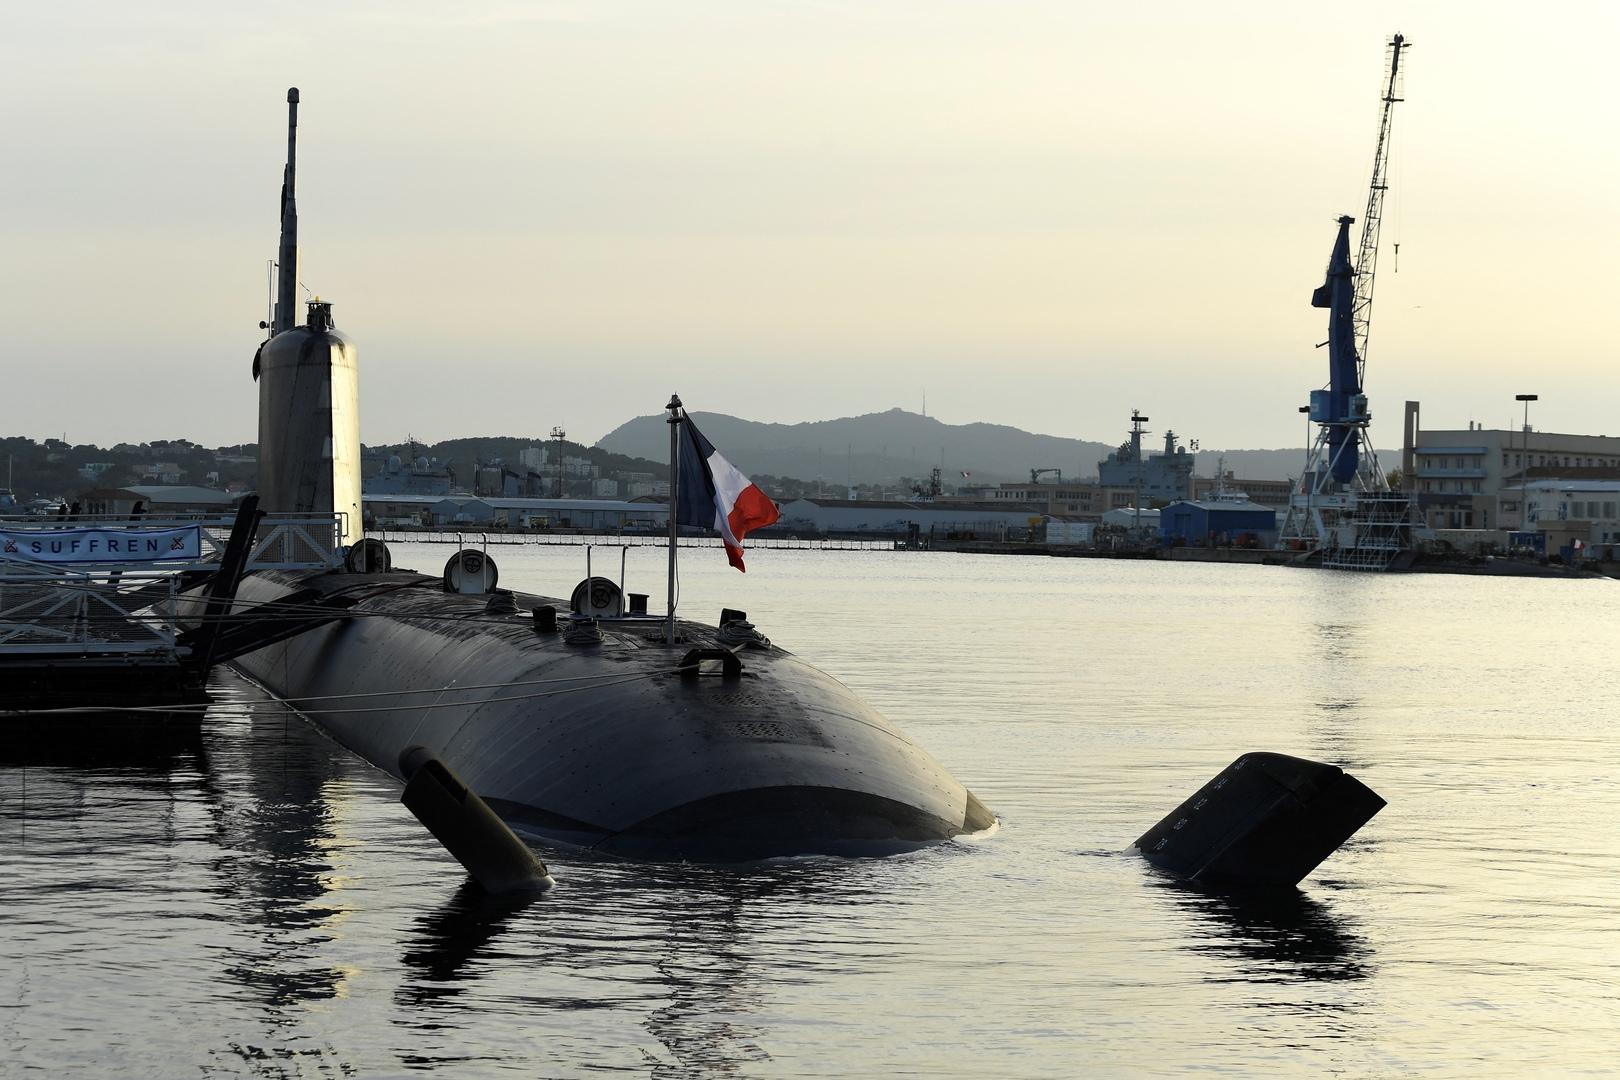 البحرية الفرنسية تحصل على غواصات جديدة مزودة بصواريخ بالستية في عام 2036